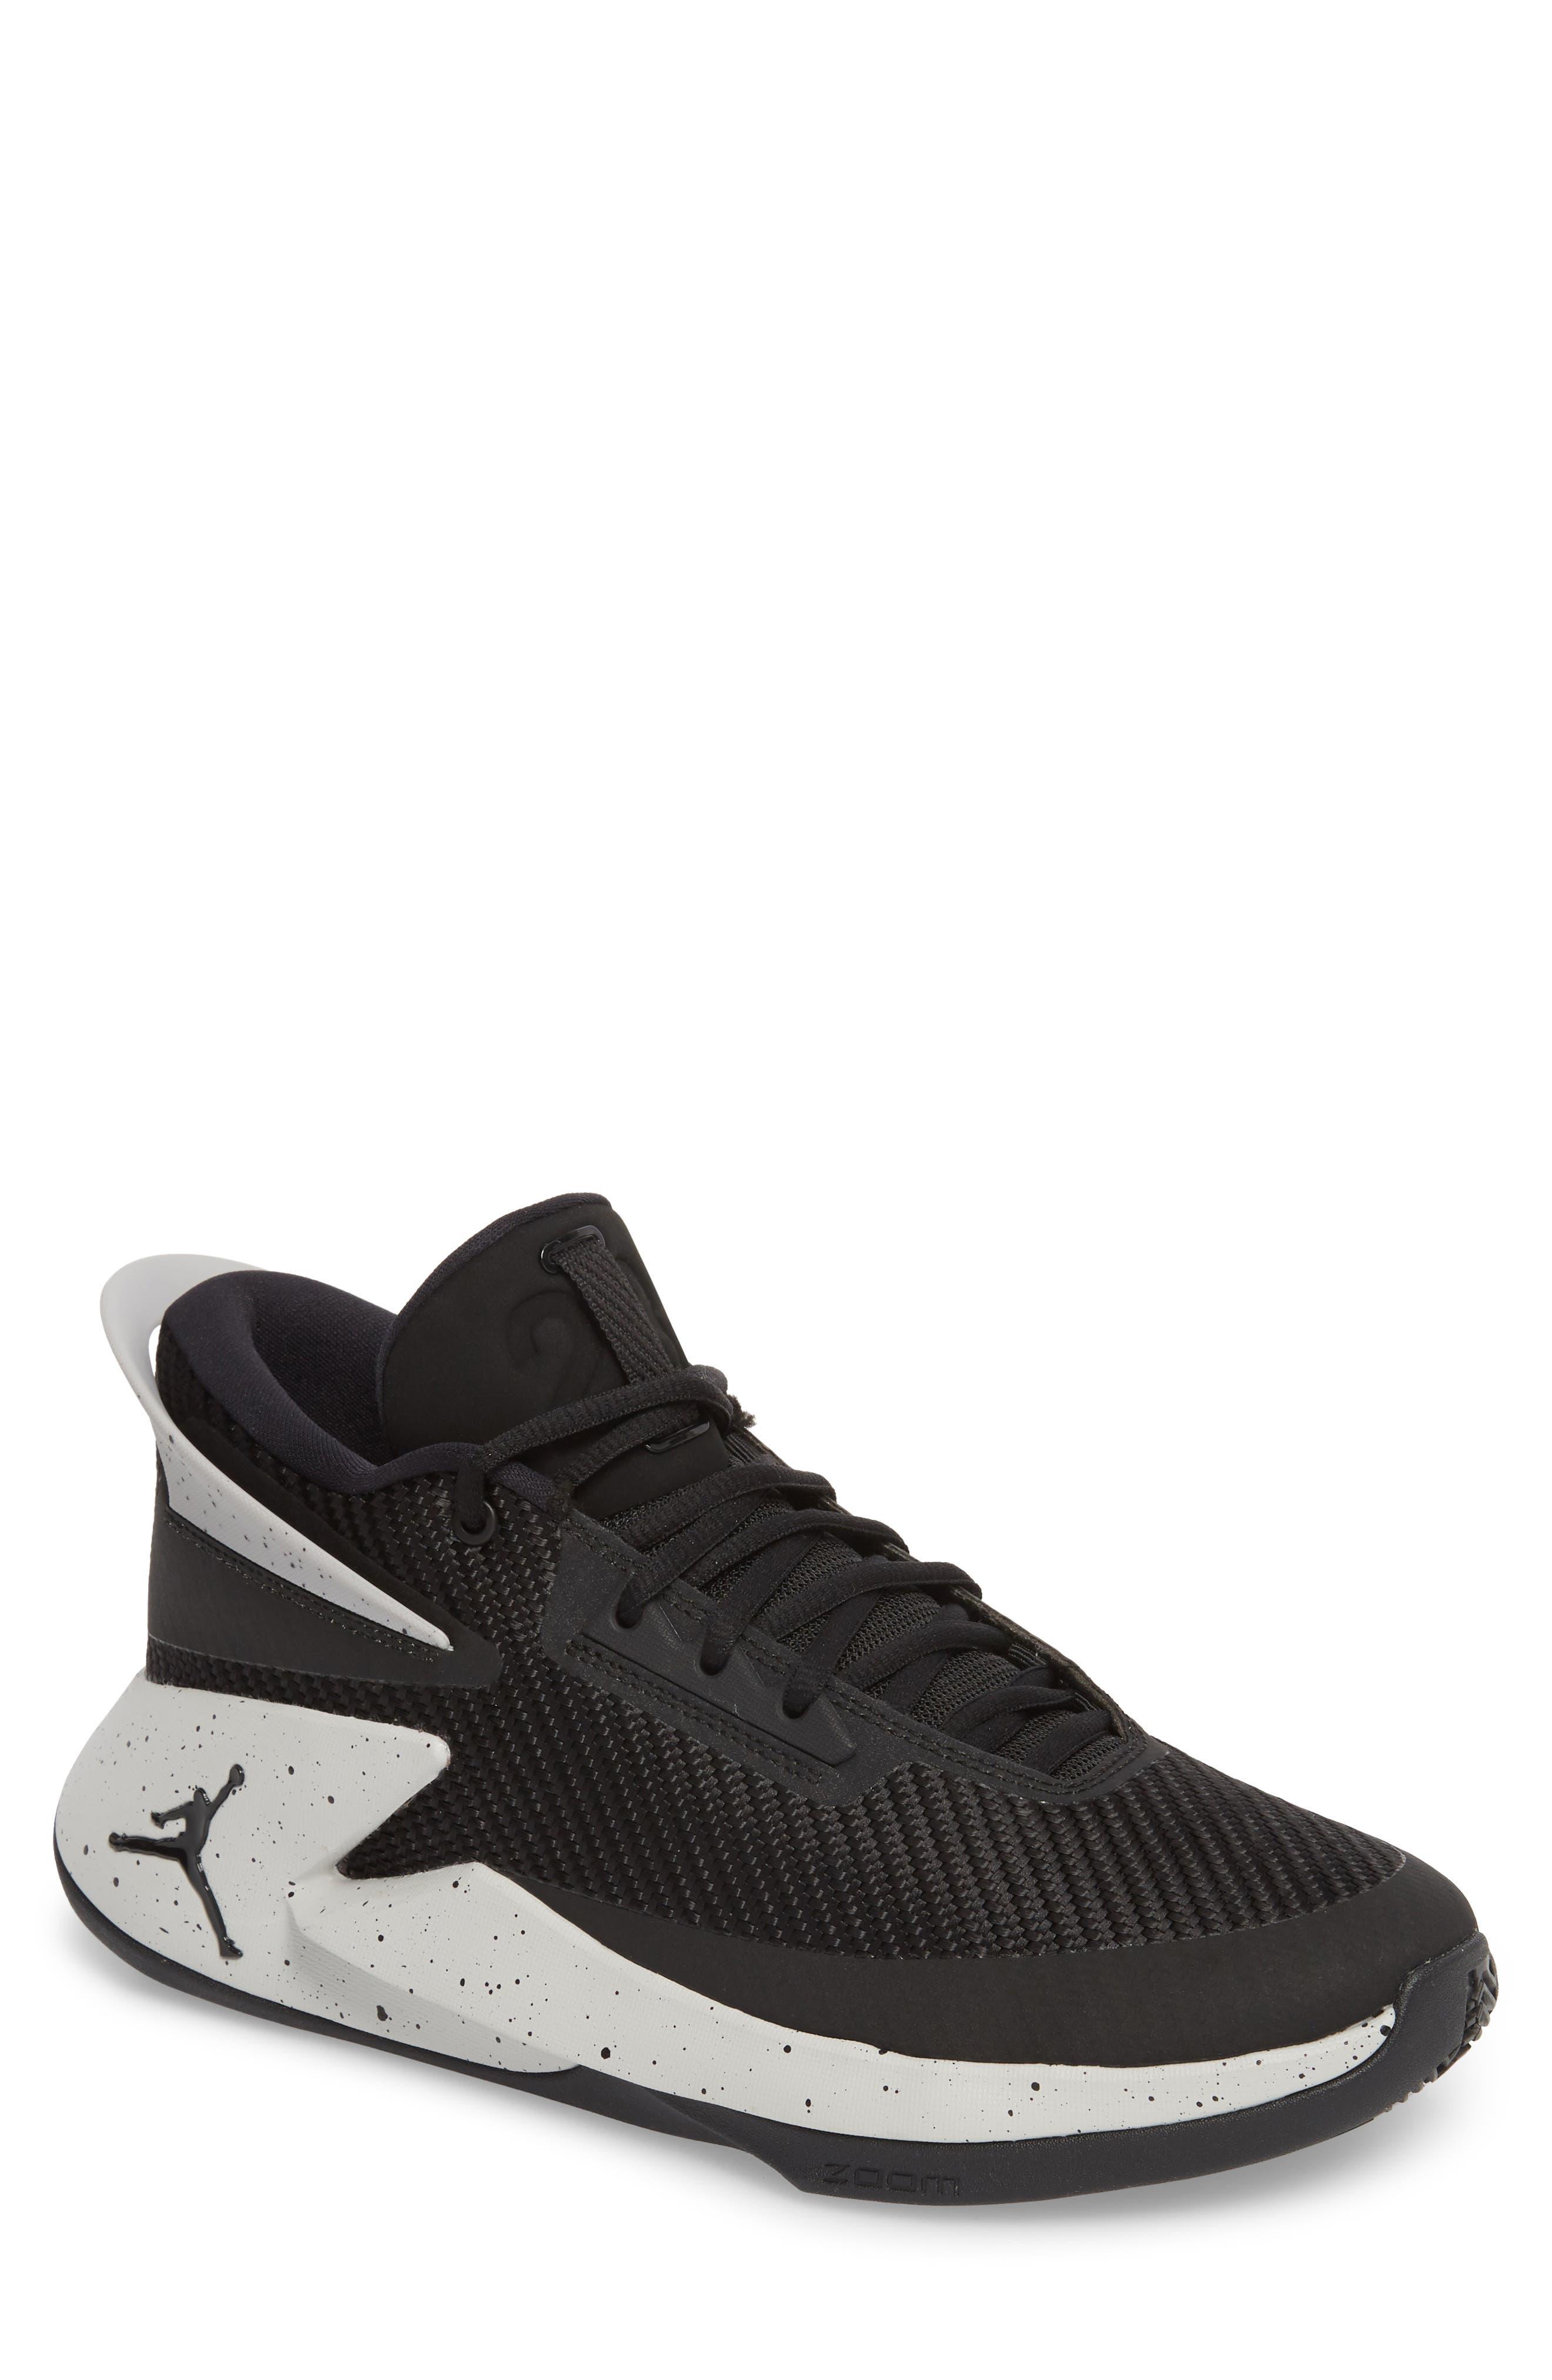 Jordan Fly Lockdown Sneaker,                         Main,                         color, 010